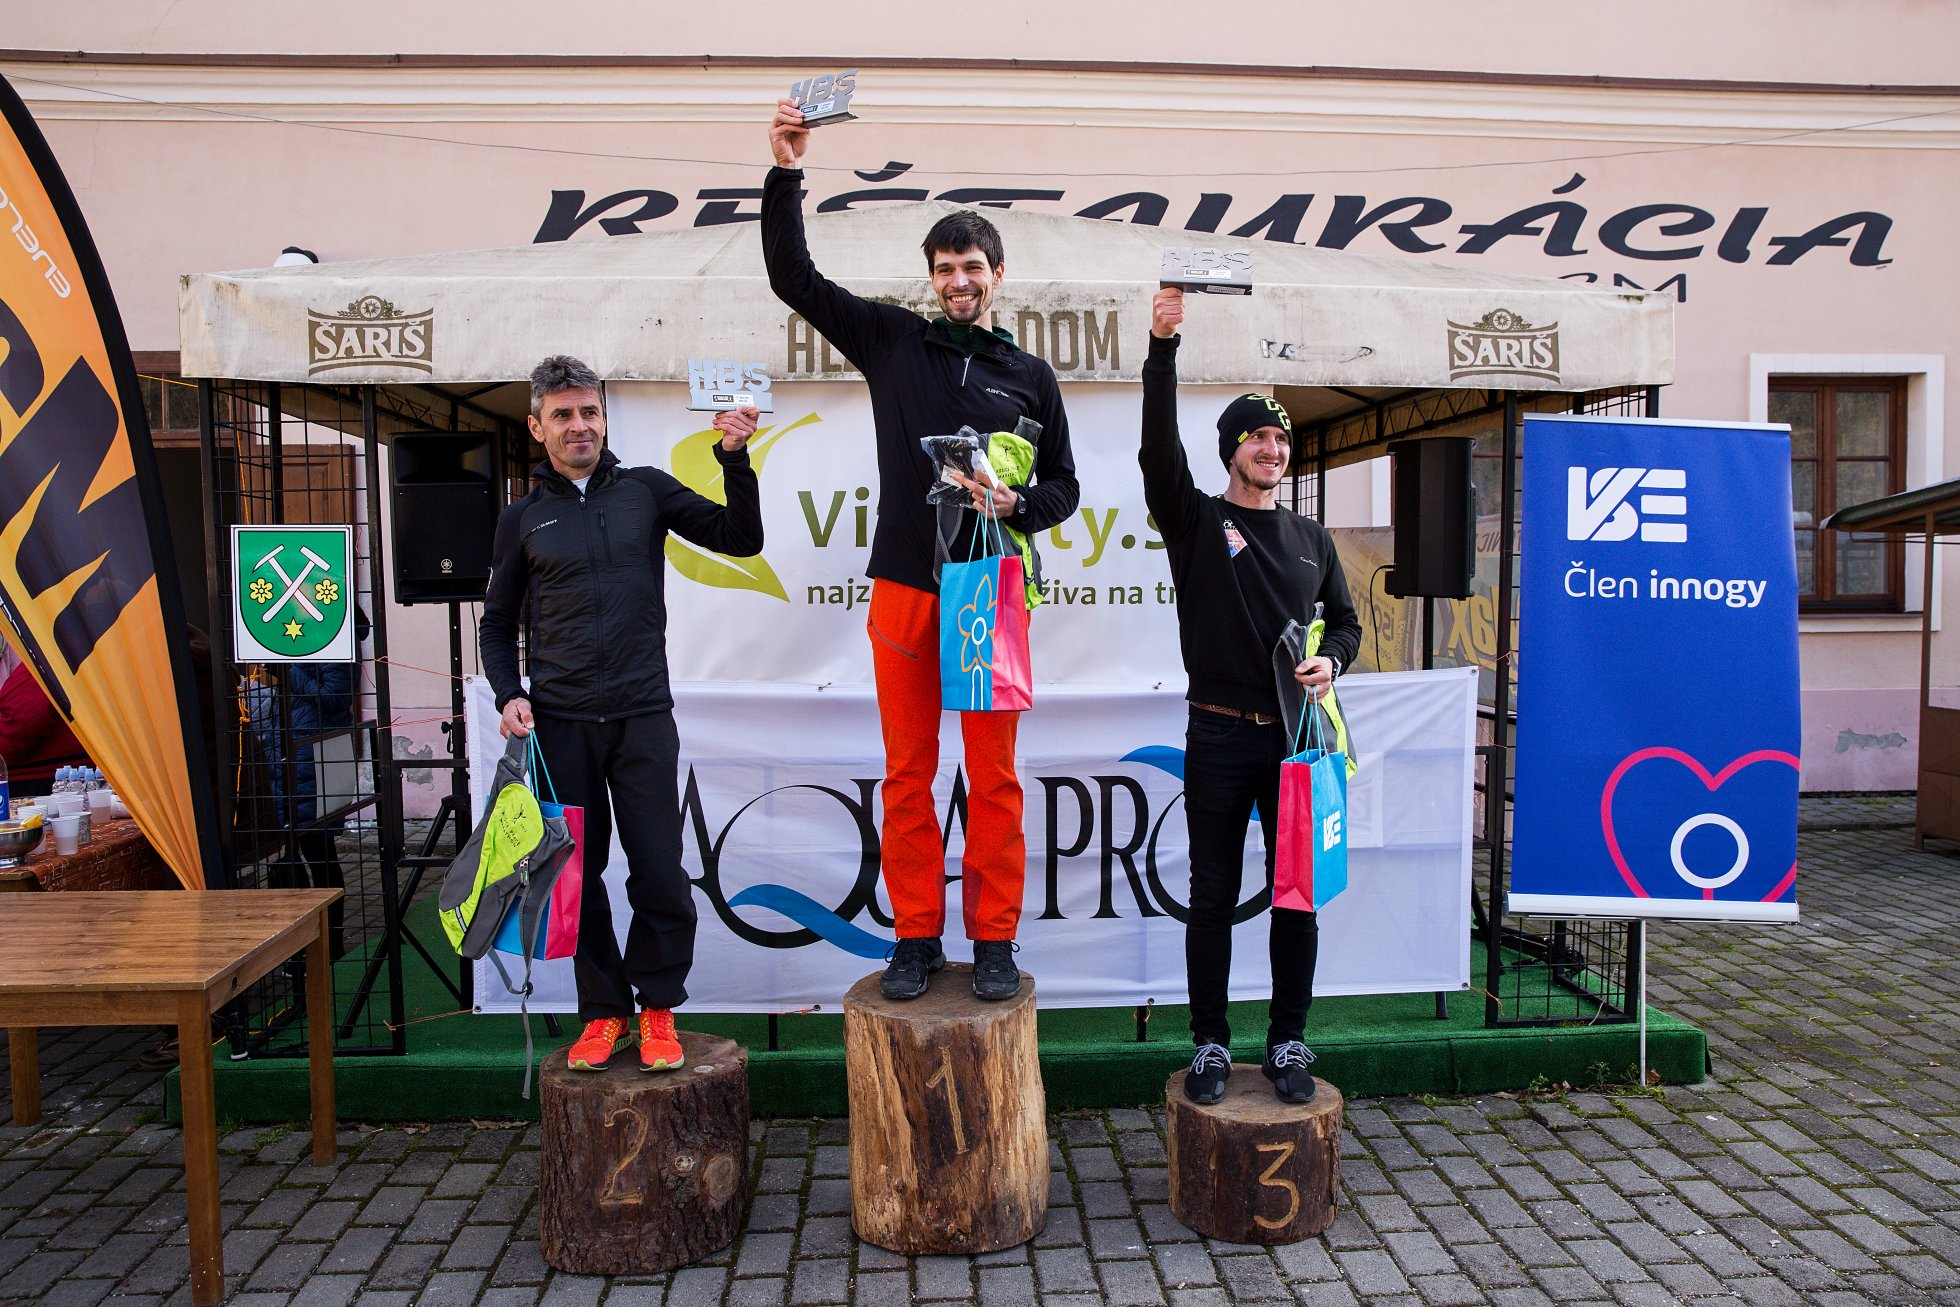 Expresky z hôr 88 - Výsledky muži – Beh hrebeňom Volovských vrchov 2017